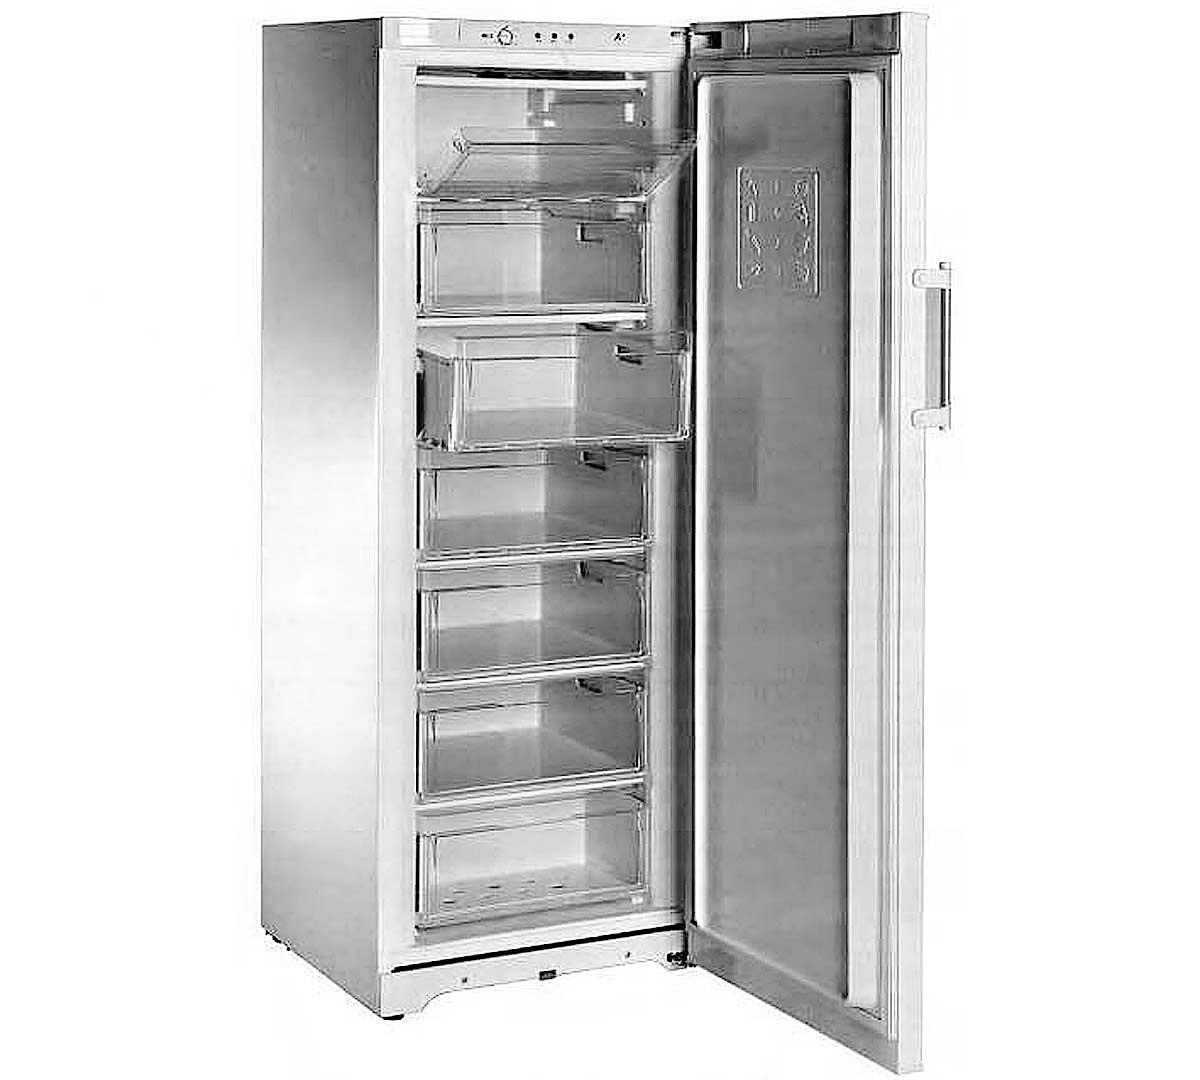 Armario congelador cng de masquefrio - Arcon congelador vertical ...